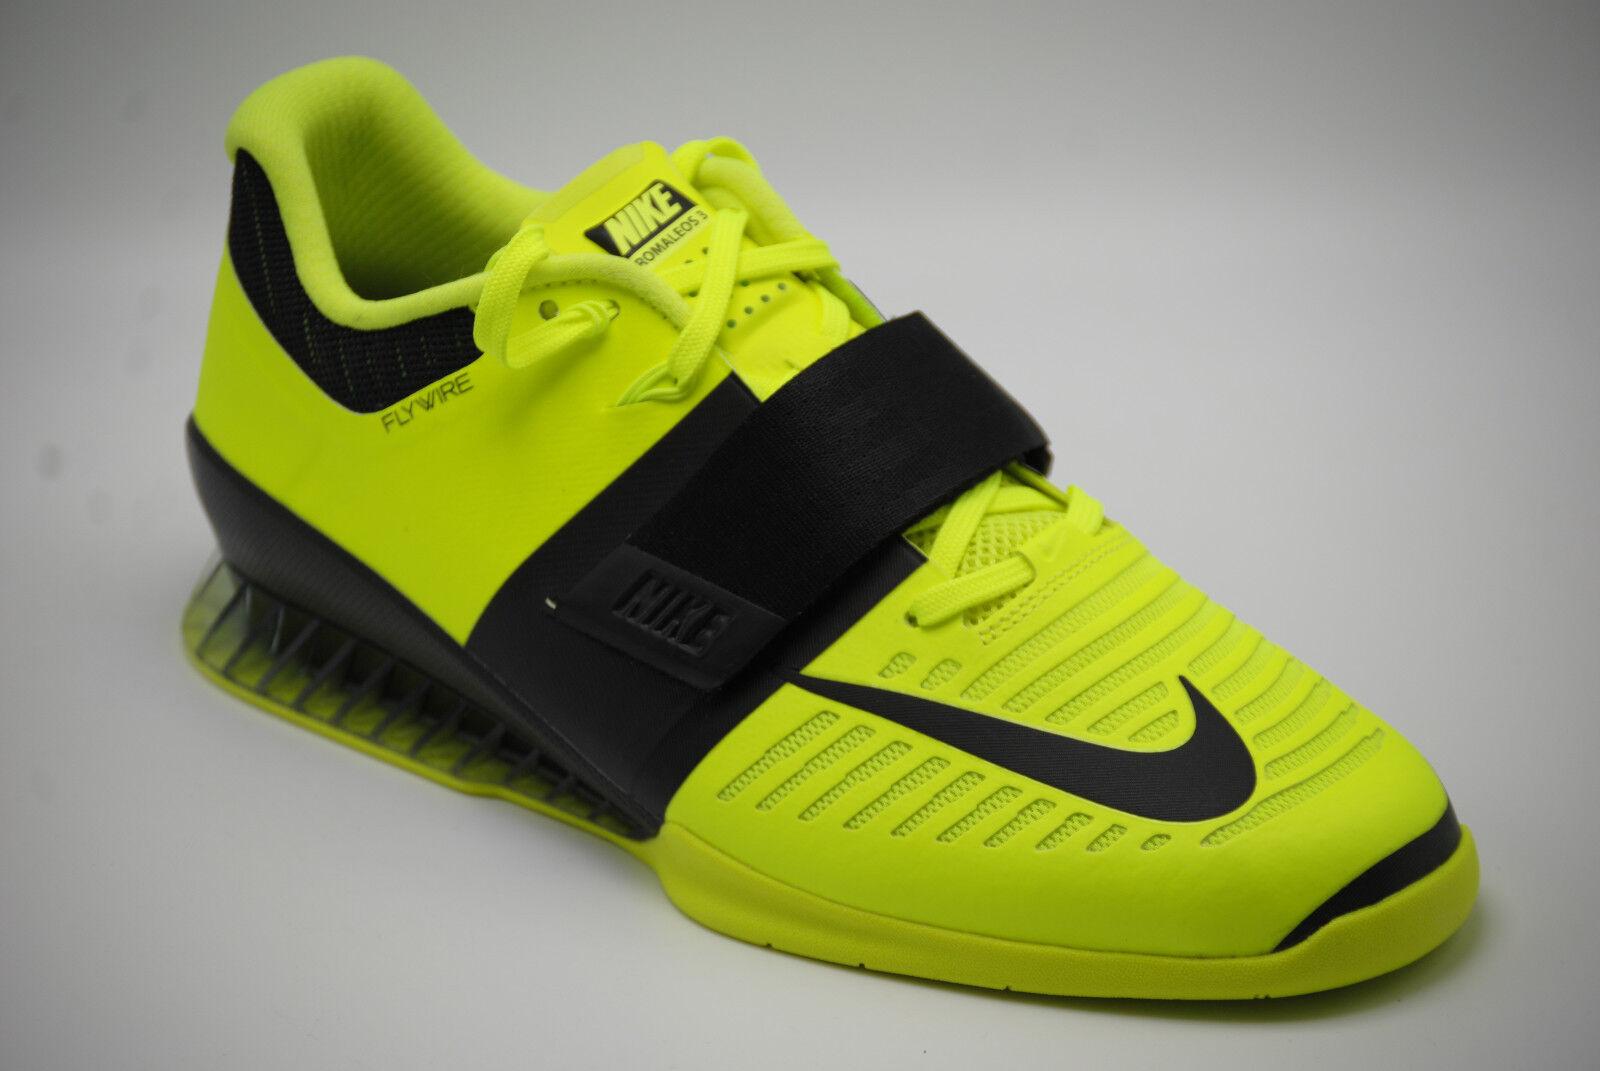 Nike Romaleos 3 Men's Lifting shoes 852933 700 Multiple sizes